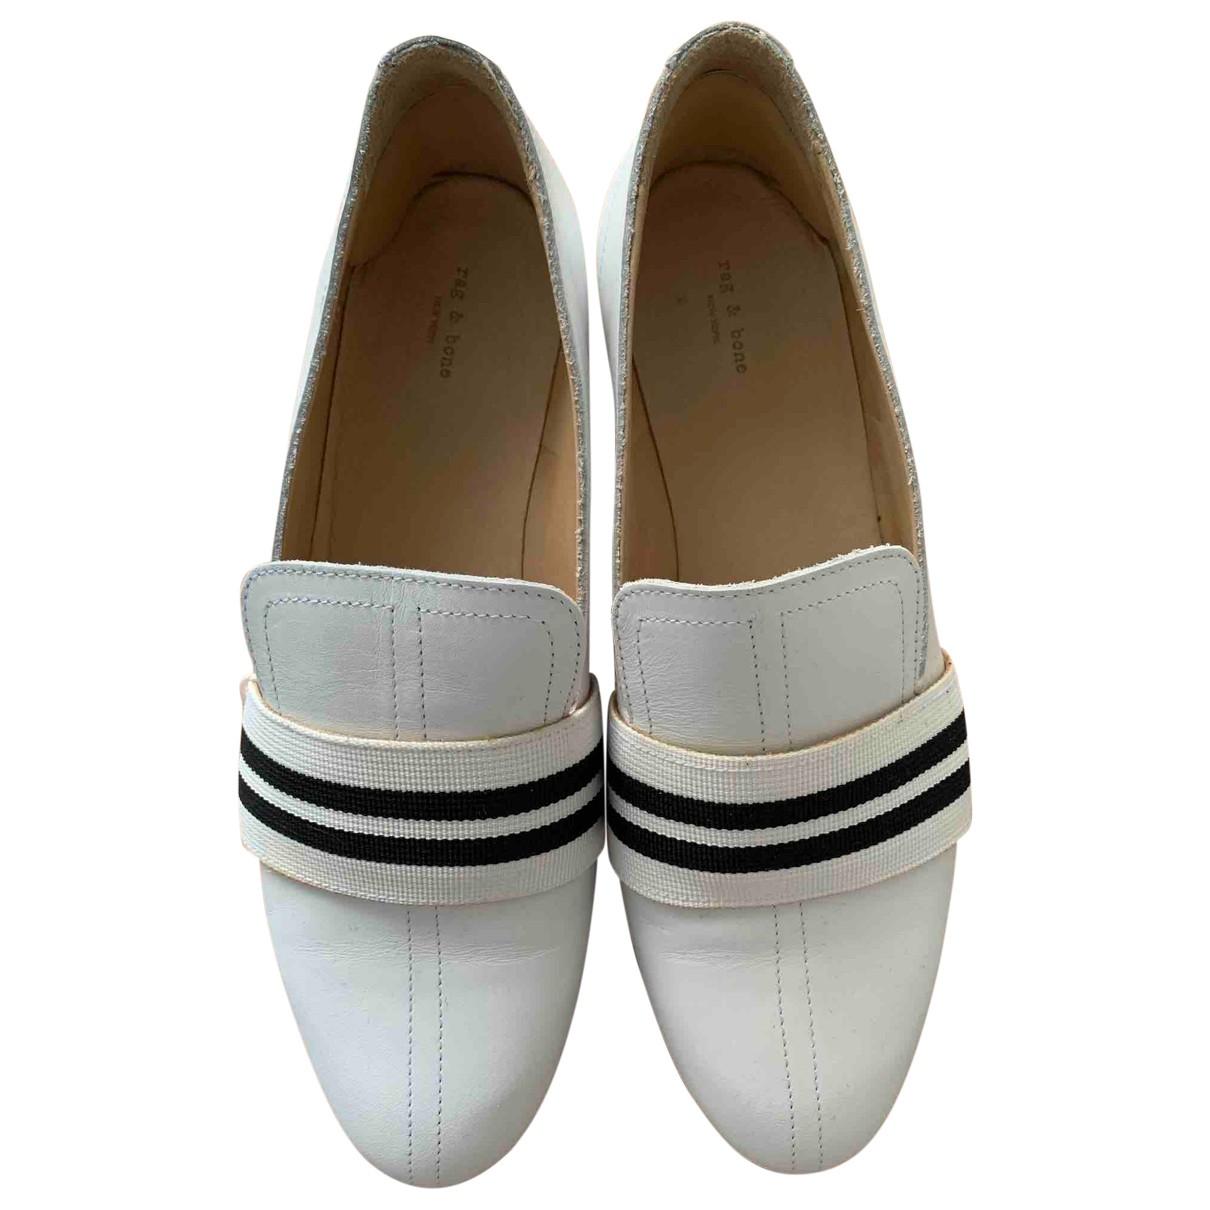 Rag & Bone \N White Leather Flats for Women 37 EU